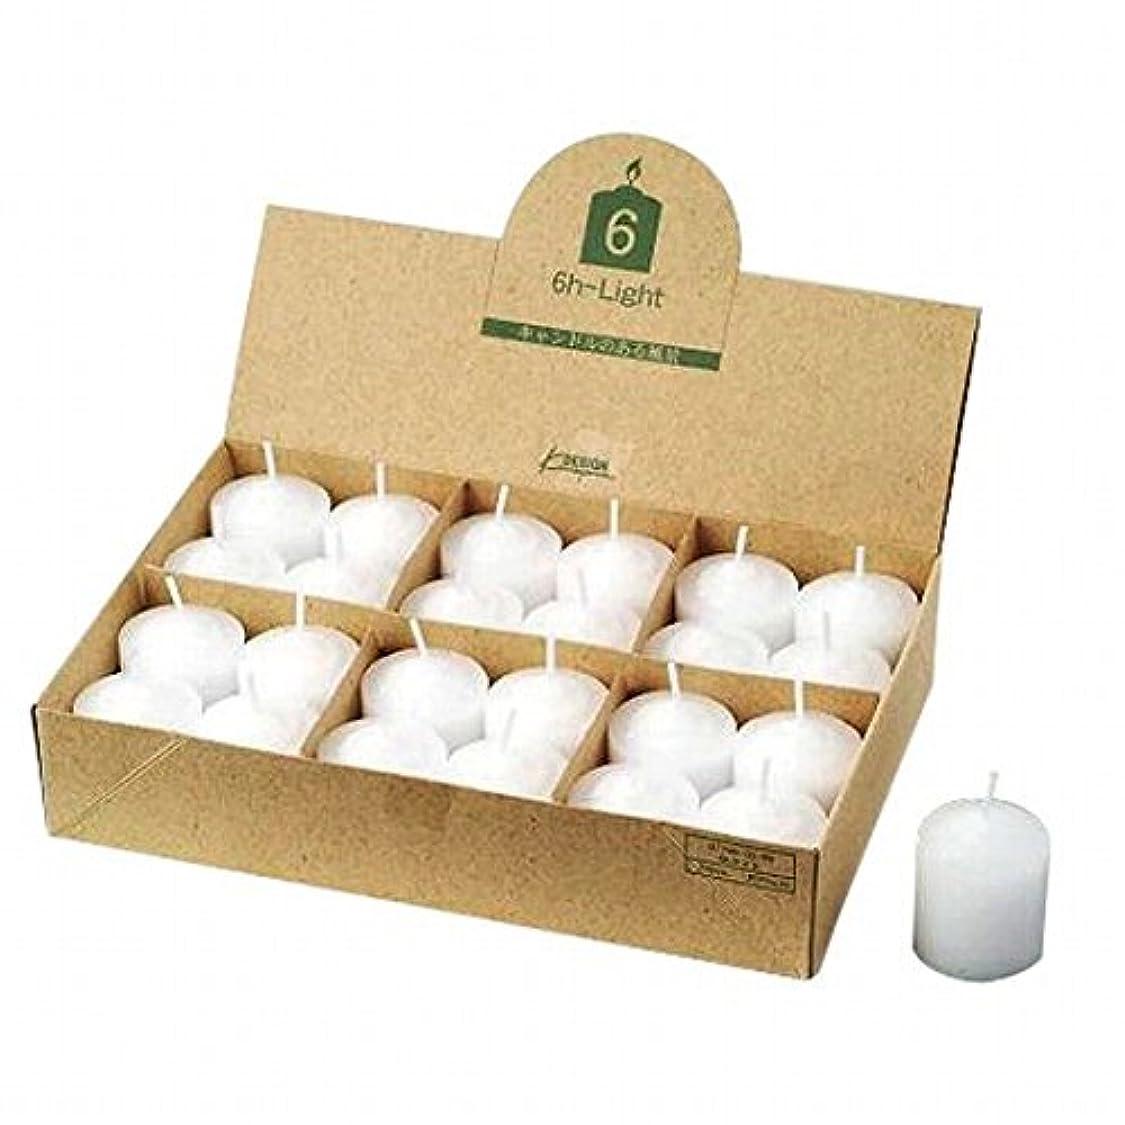 重要な役割を果たす、中心的な手段となる資産コンチネンタルカメヤマキャンドル(kameyama candle) 6Hライト(6時間タイプ)24個入り(日本製)